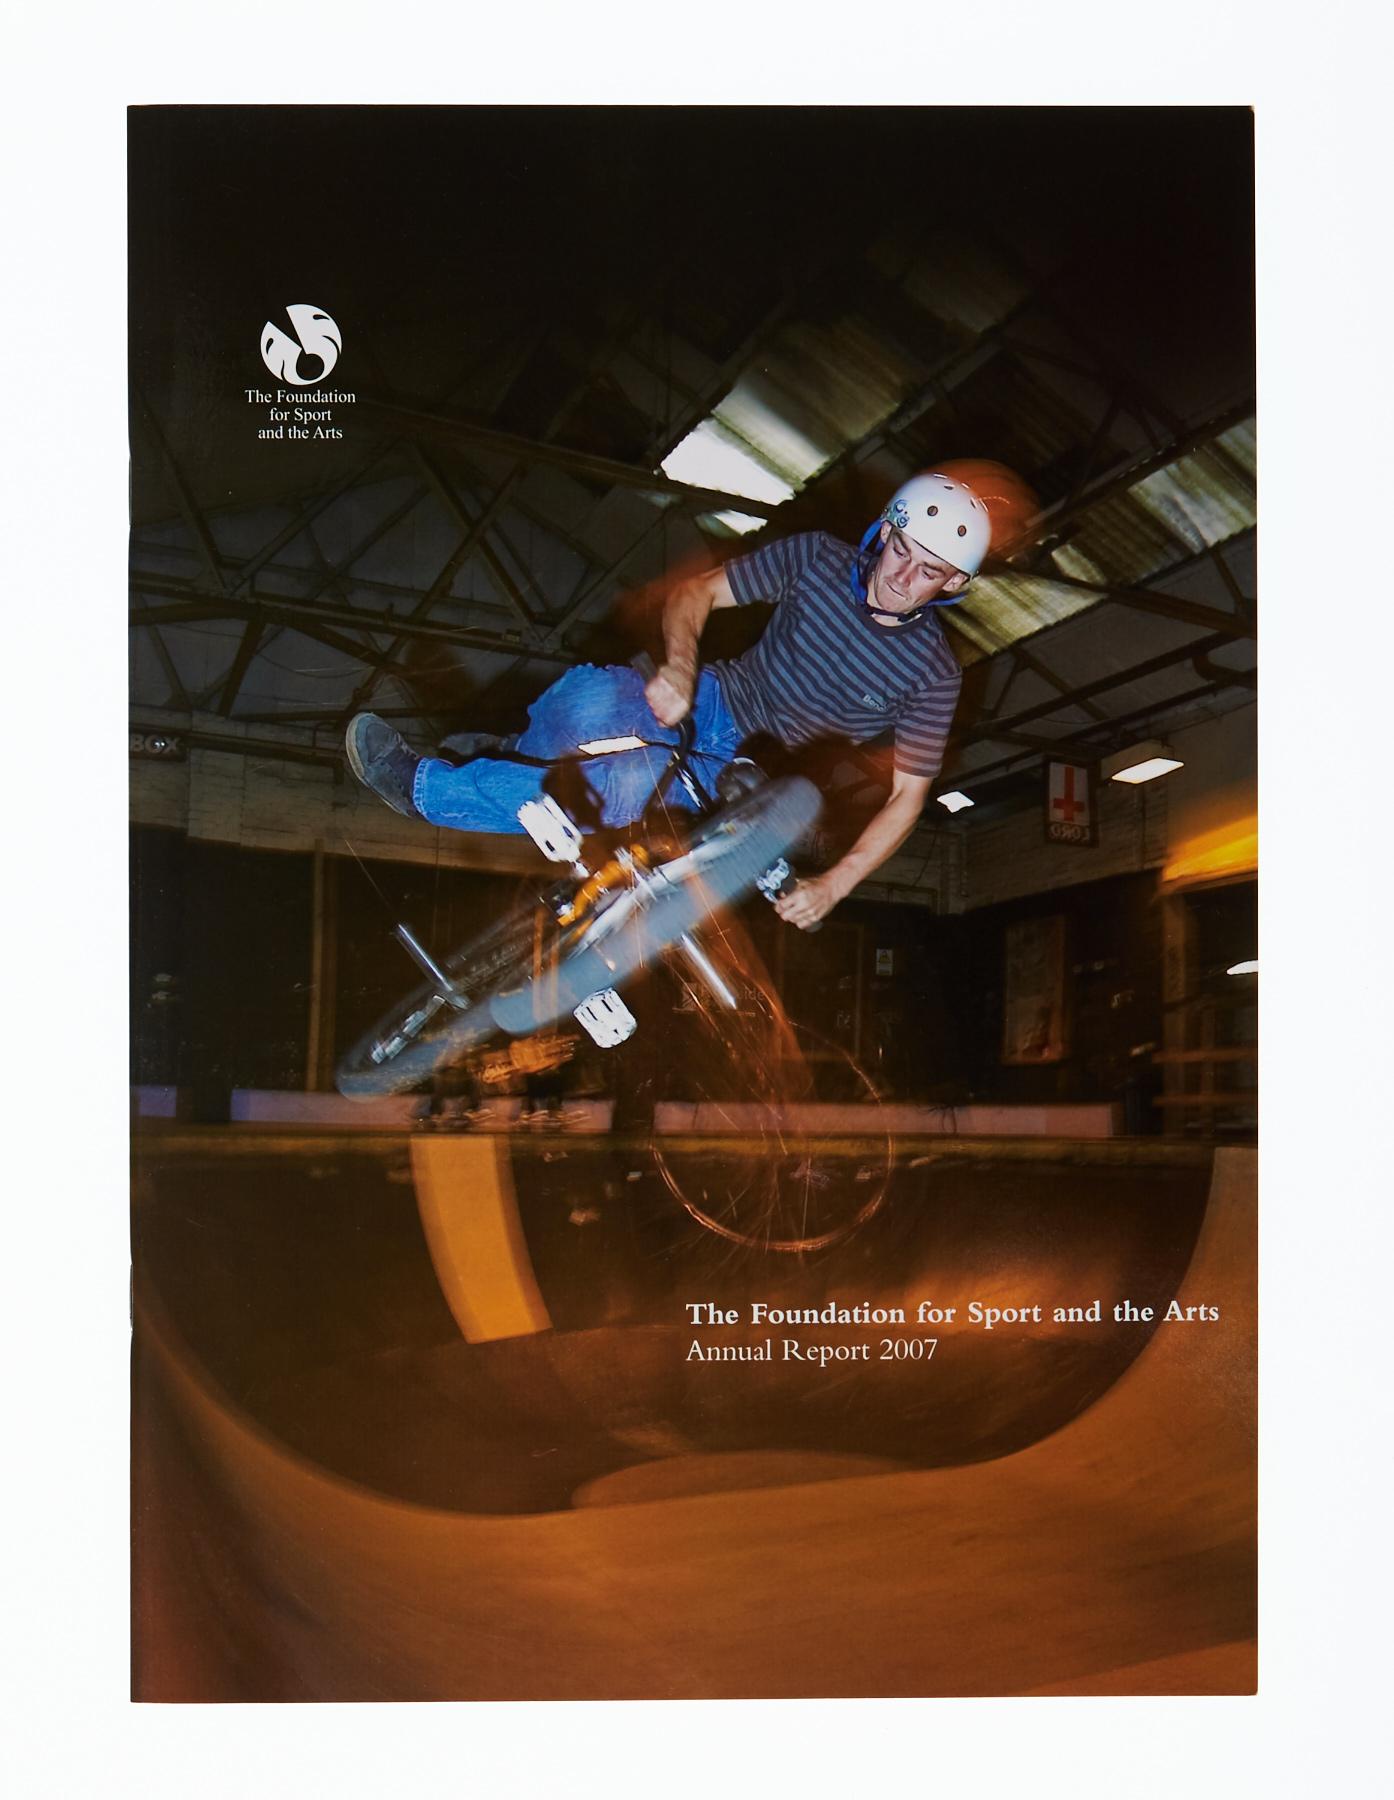 foundation-sport-arts-2007-01.jpg